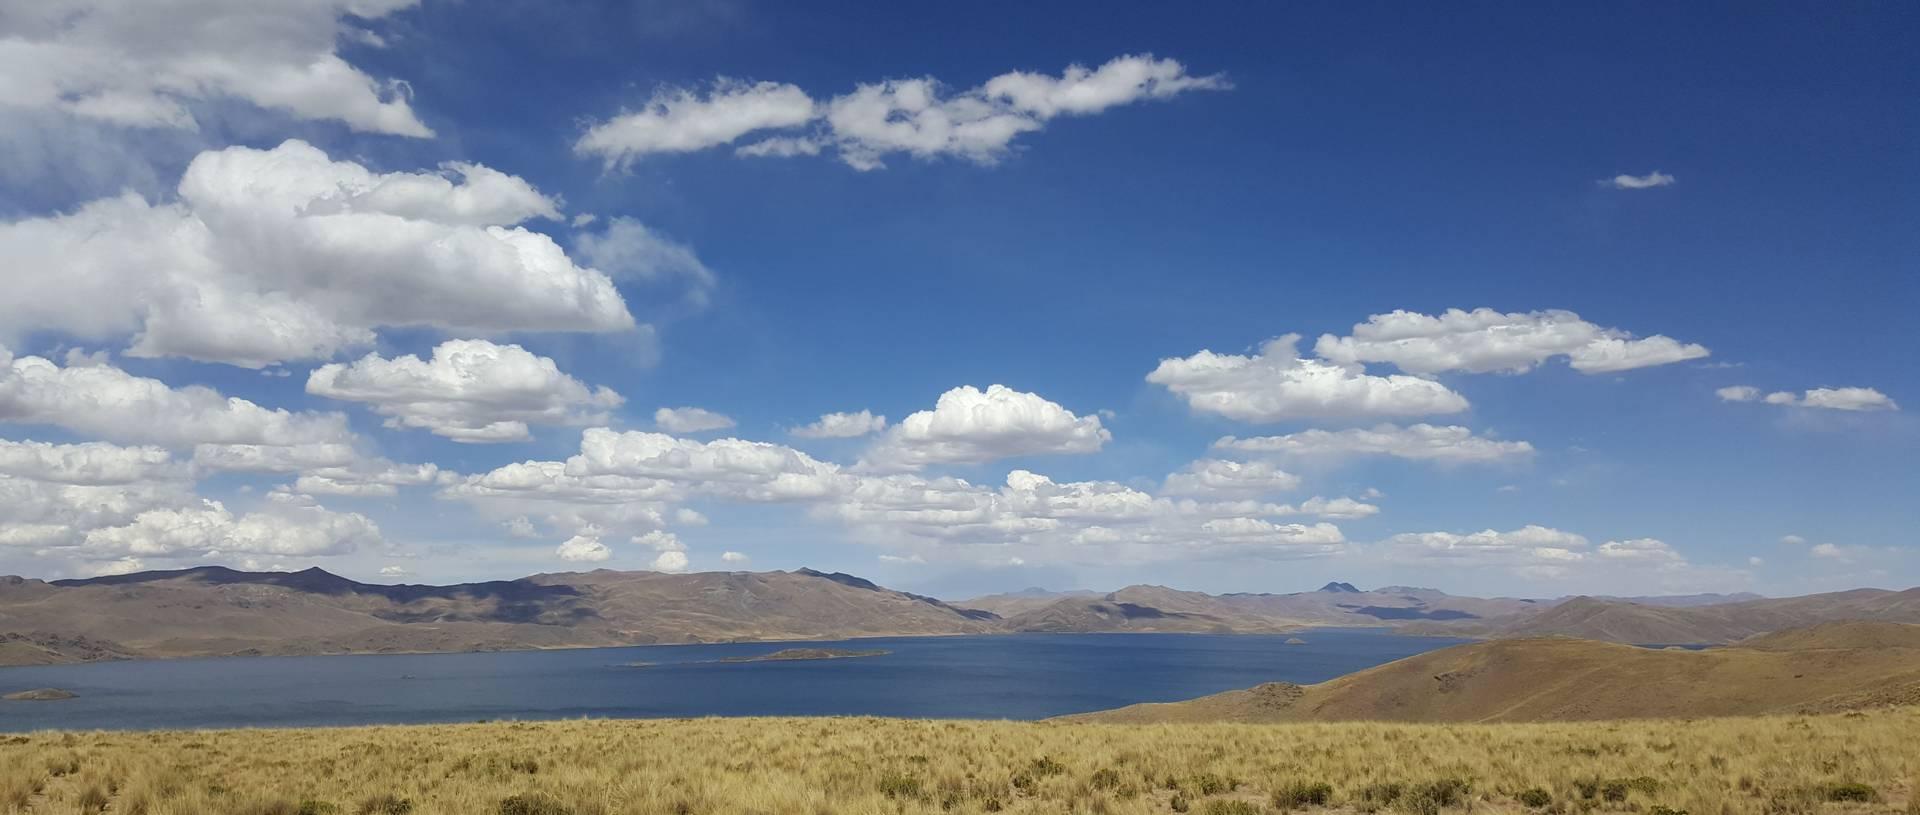 Lakes In Peru